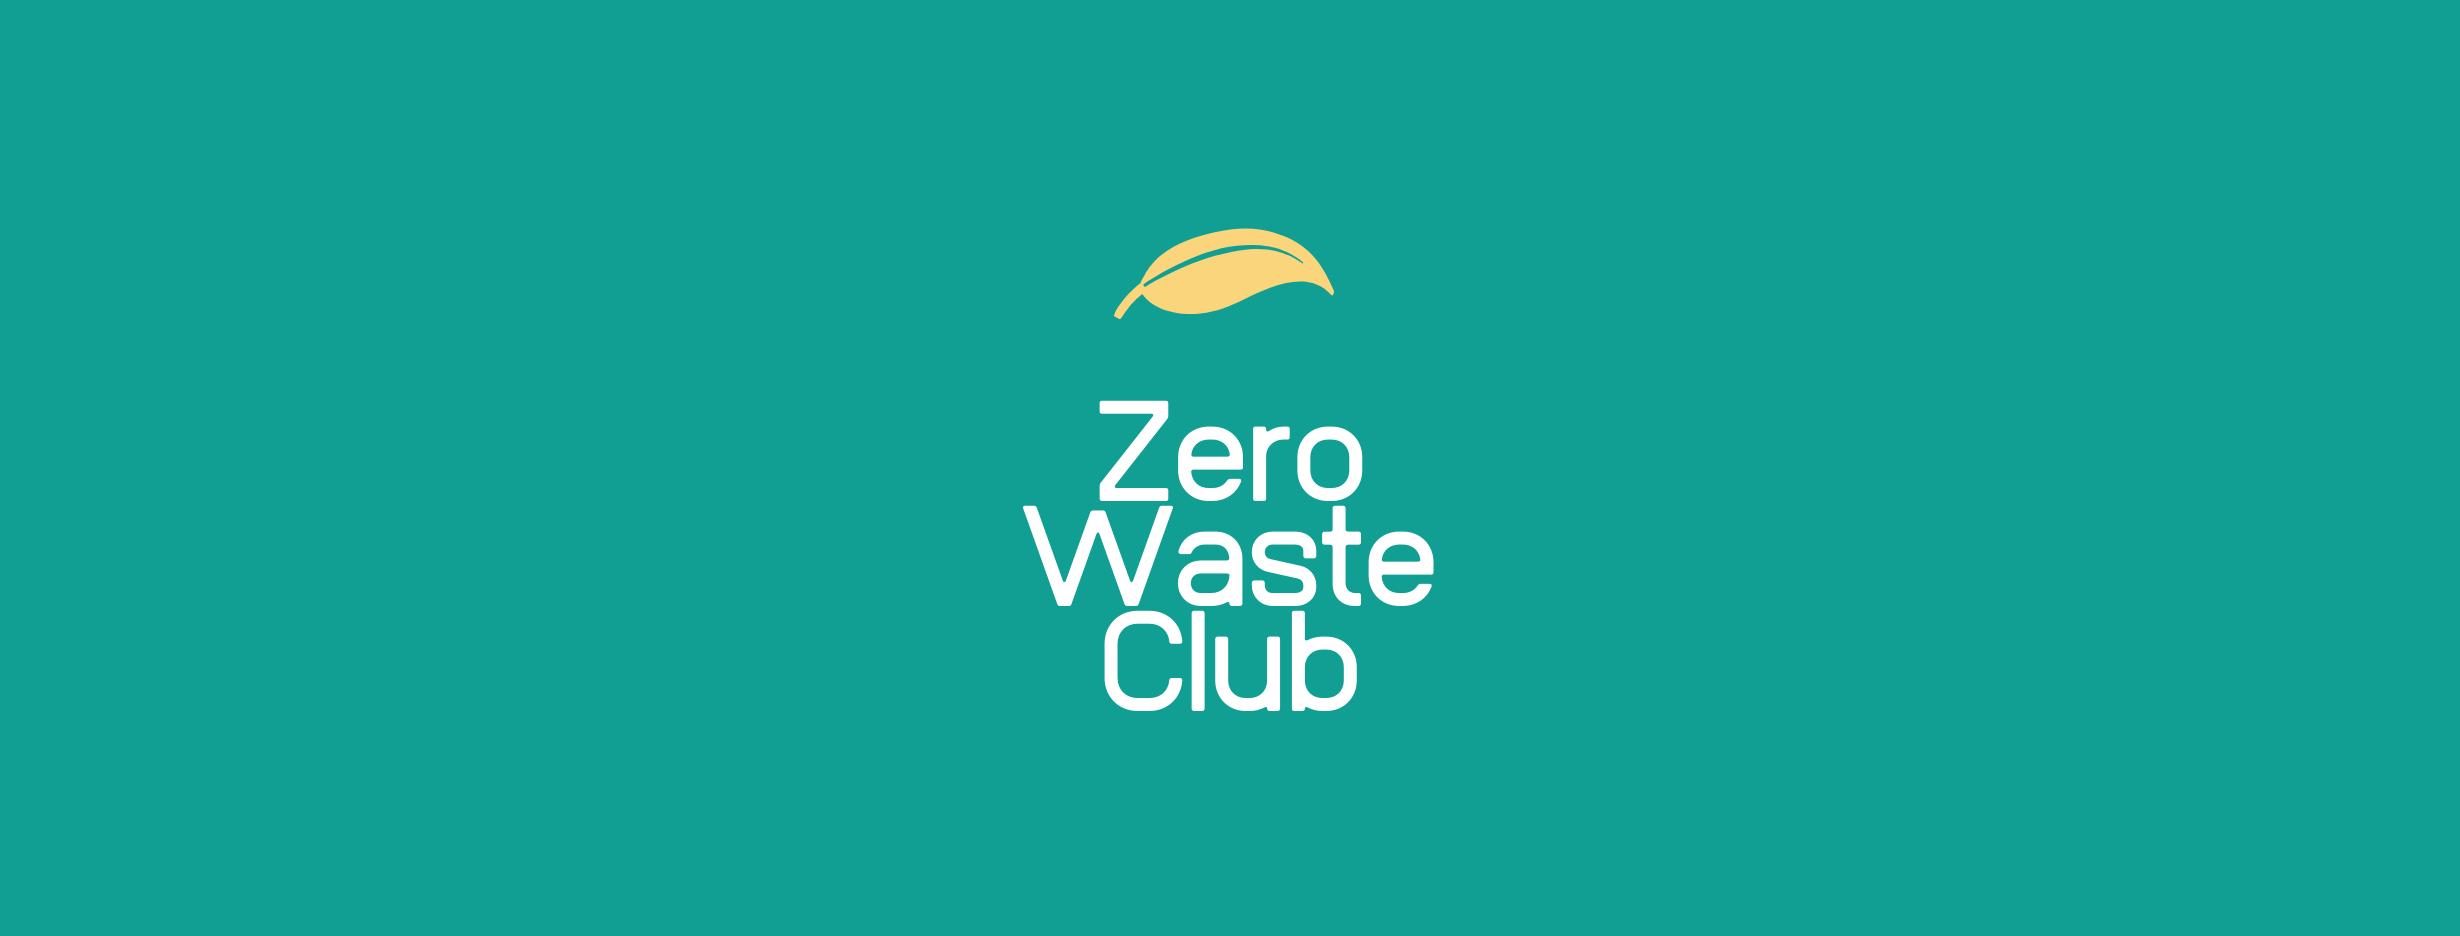 Zero Waste Club